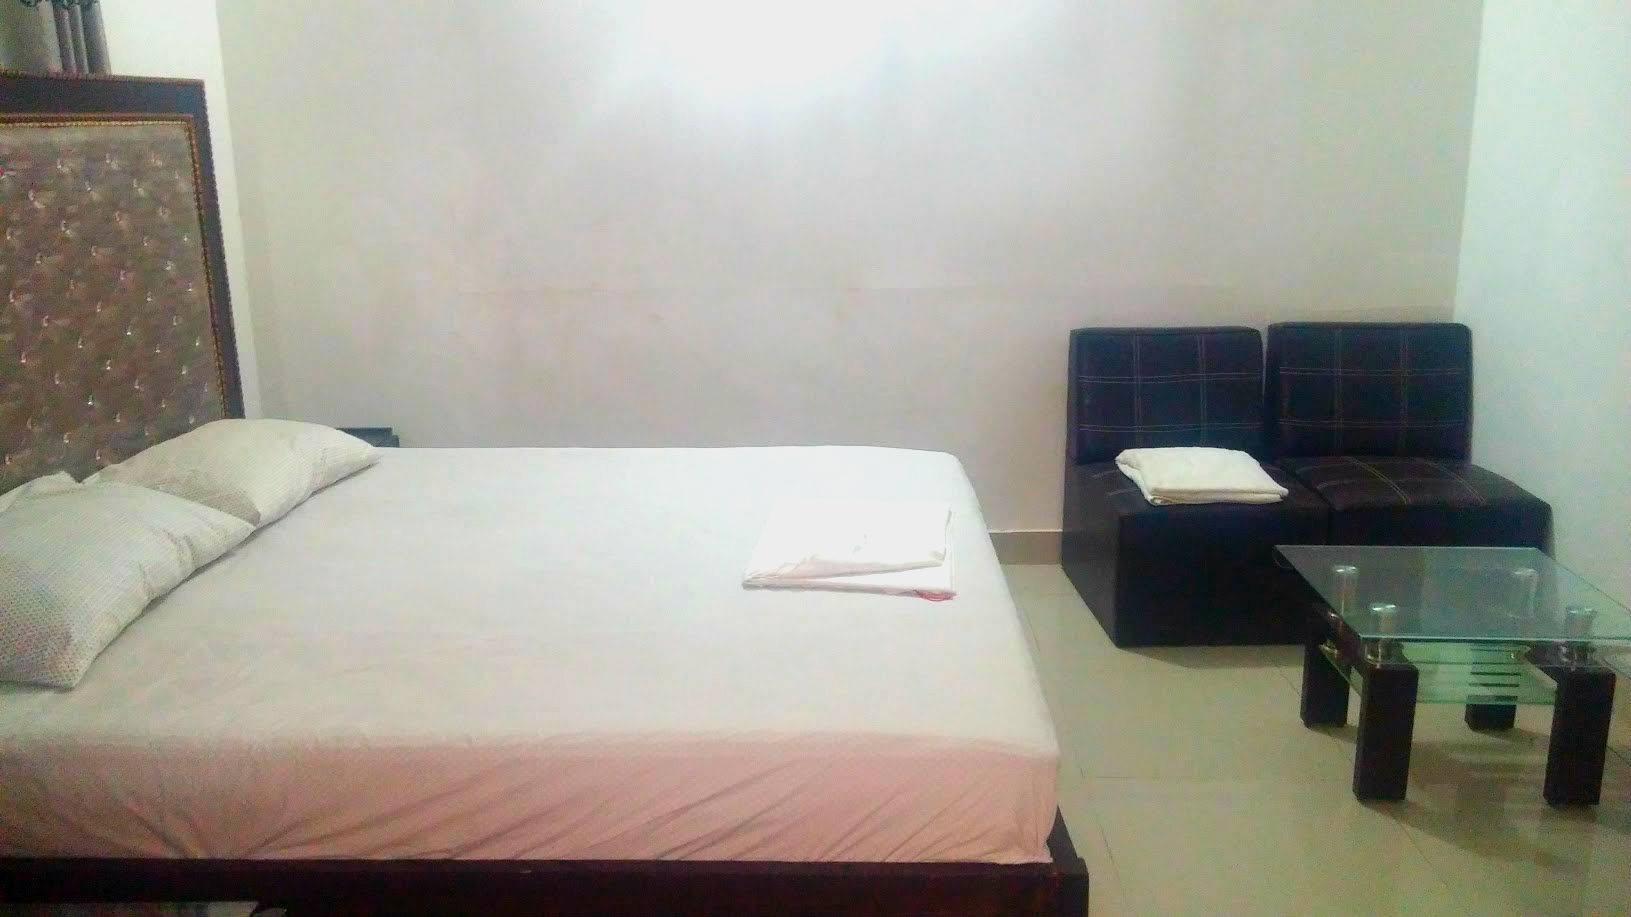 Room for dating karachi